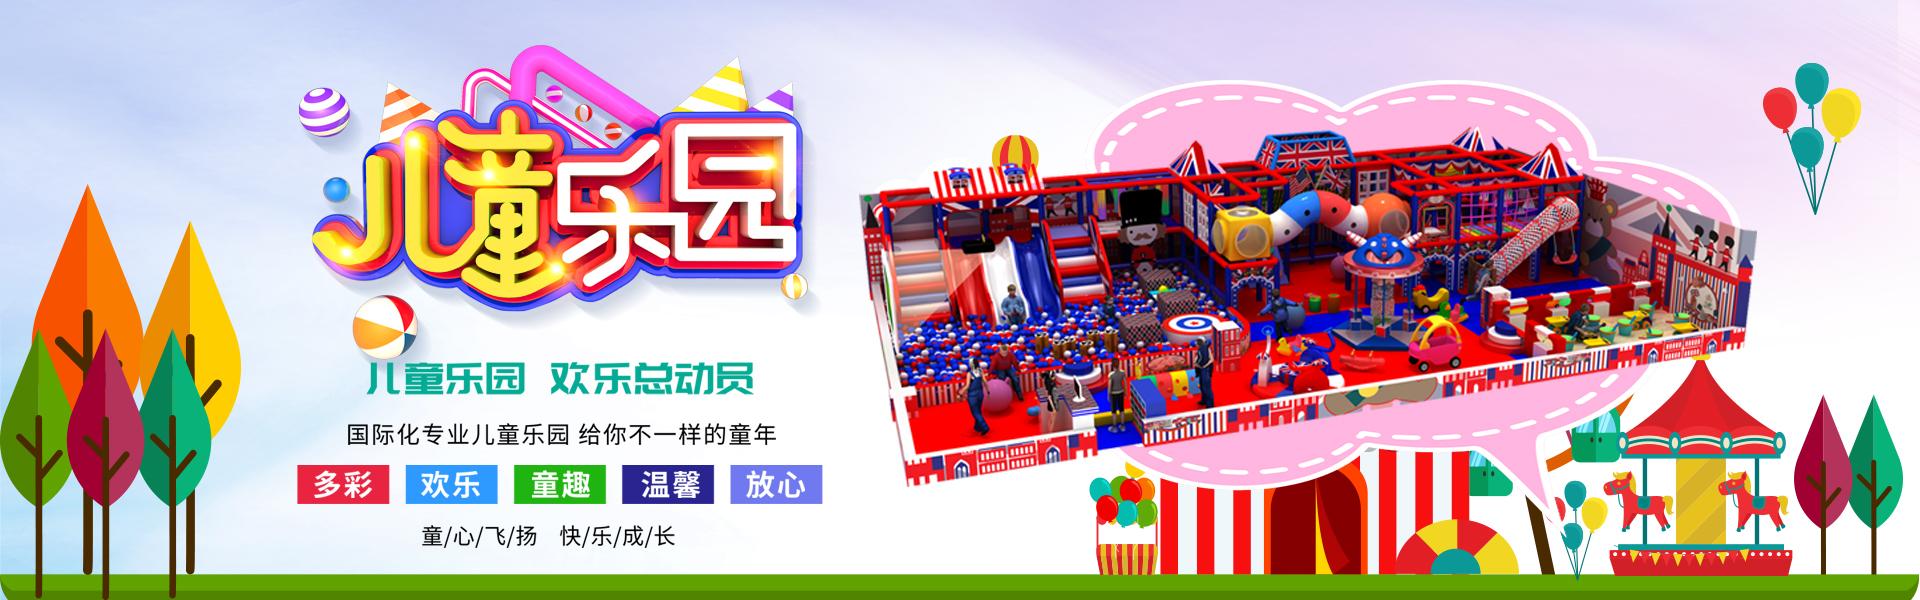 室内淘气堡-儿童乐园厂家-山东超级蹦床